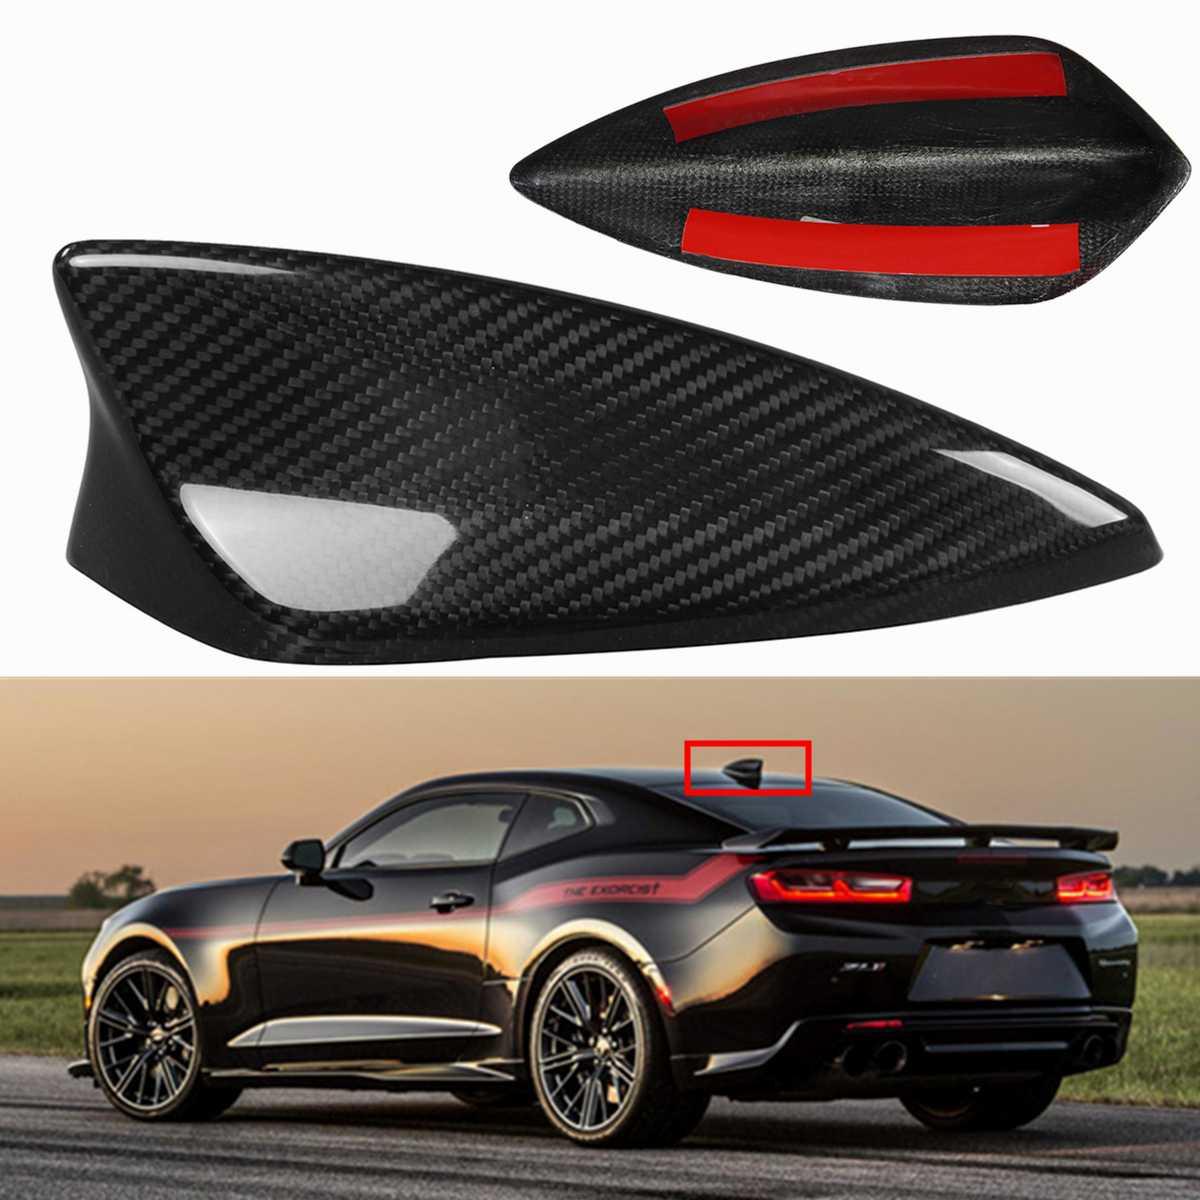 Toit de la voiture Antenne Antennes Aileron de Requin Style Antenne Couverture Radio Garniture Réel En Fiber De Carbone Pour Chevrolet Camaro 2017-2018